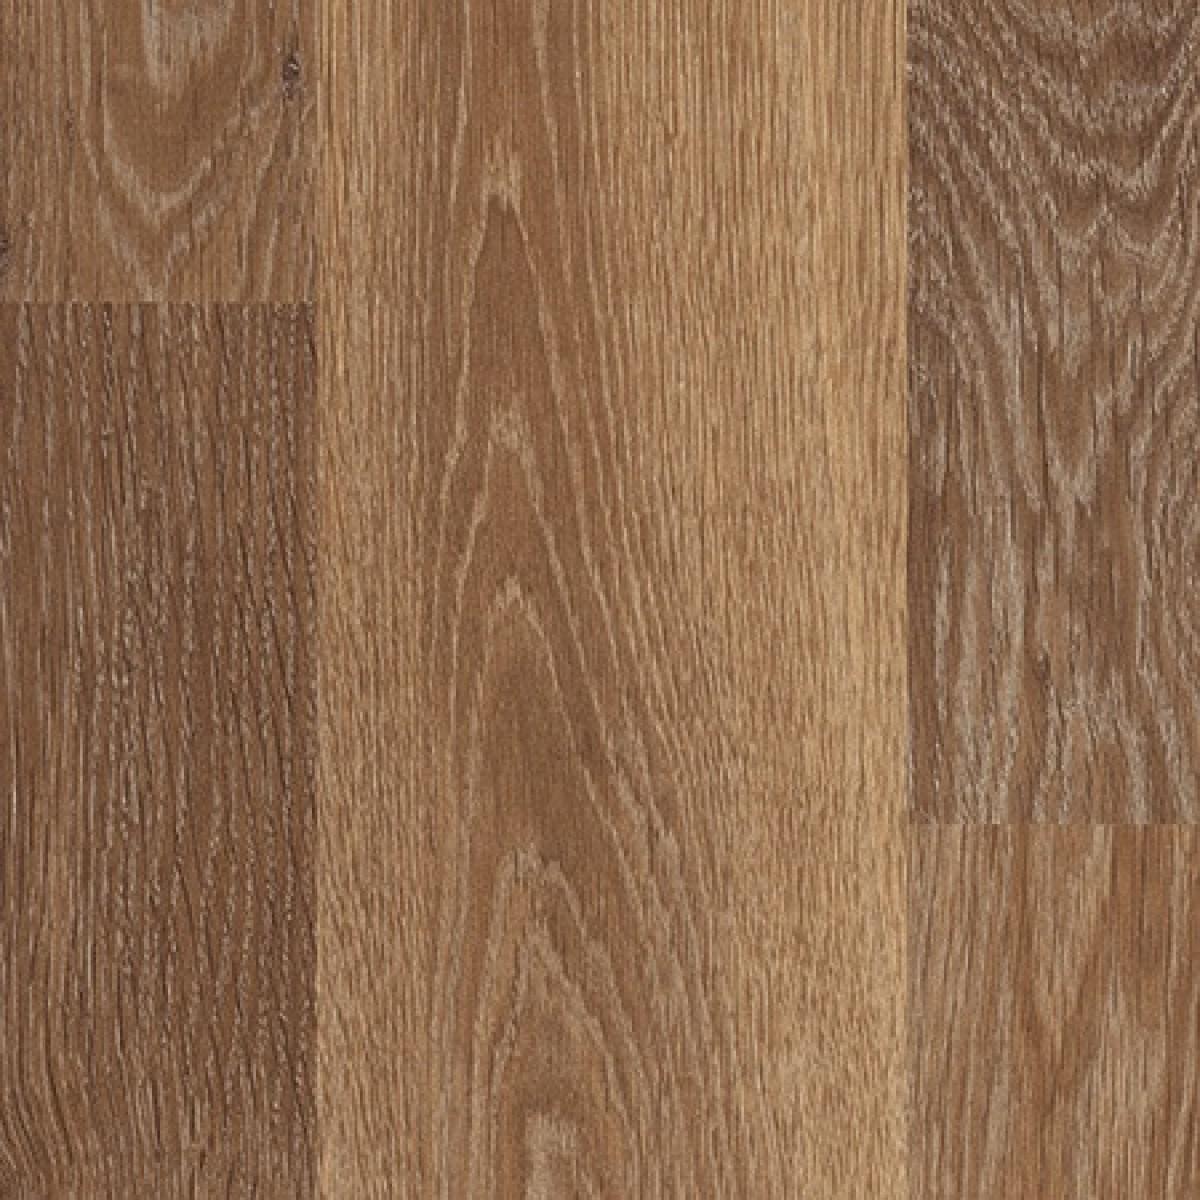 Mid Limed Oak